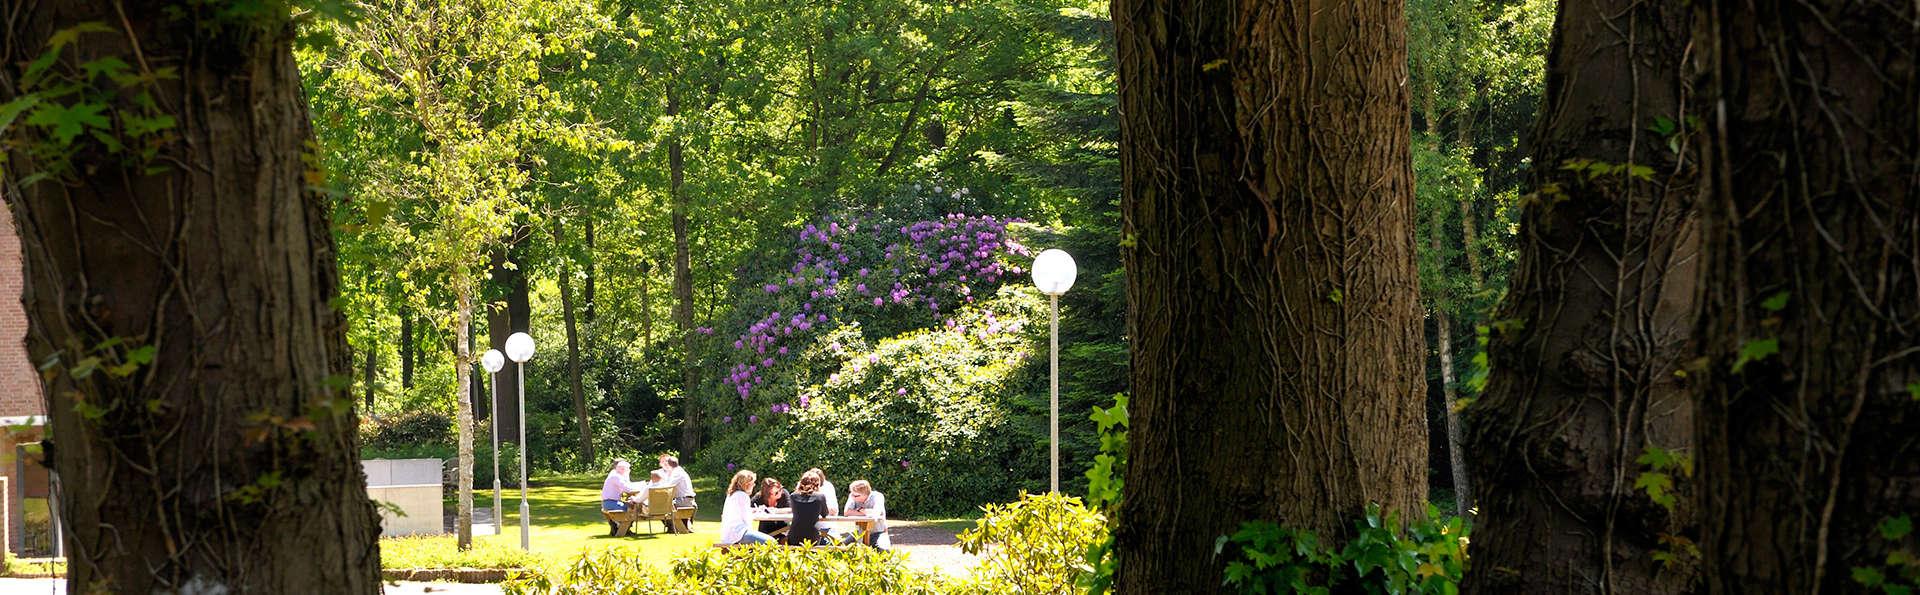 Découvrez l'historique ville verte d'Amersfoort à vélo - à partir de 2 nuits (non remboursable)